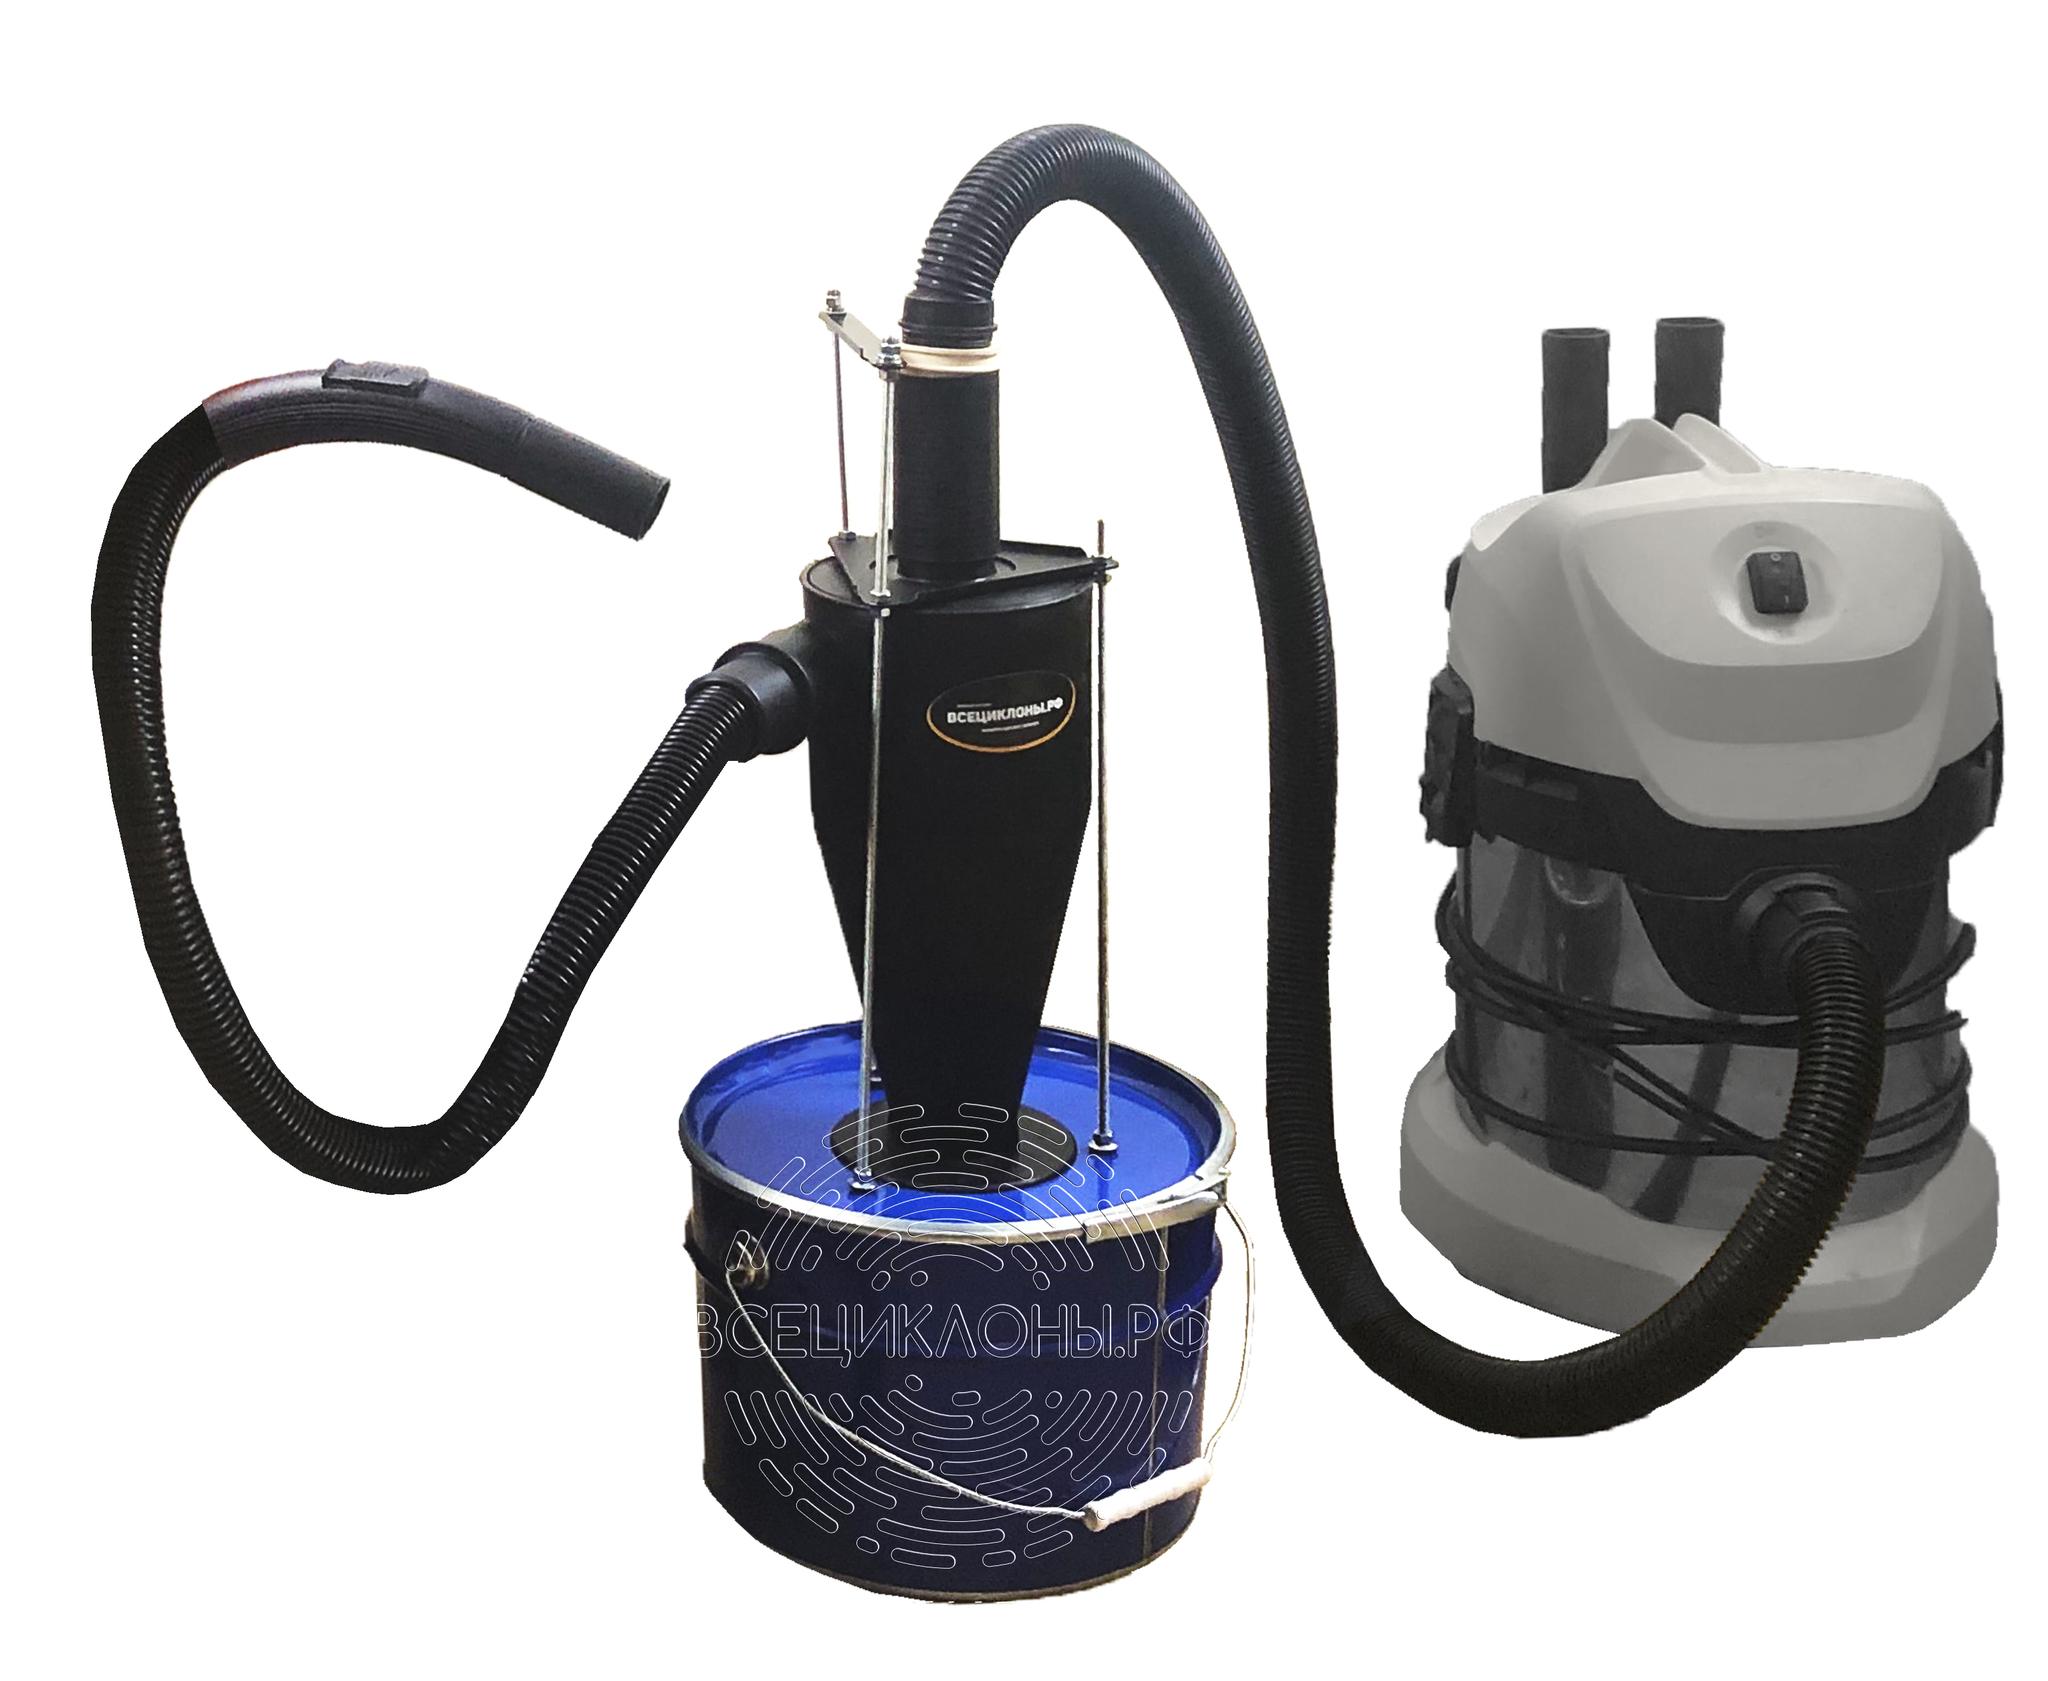 Комлект на основе циклонного фильтра MicroDust (скелетный крепёж, шланг и пылесборник продаются отдельно)